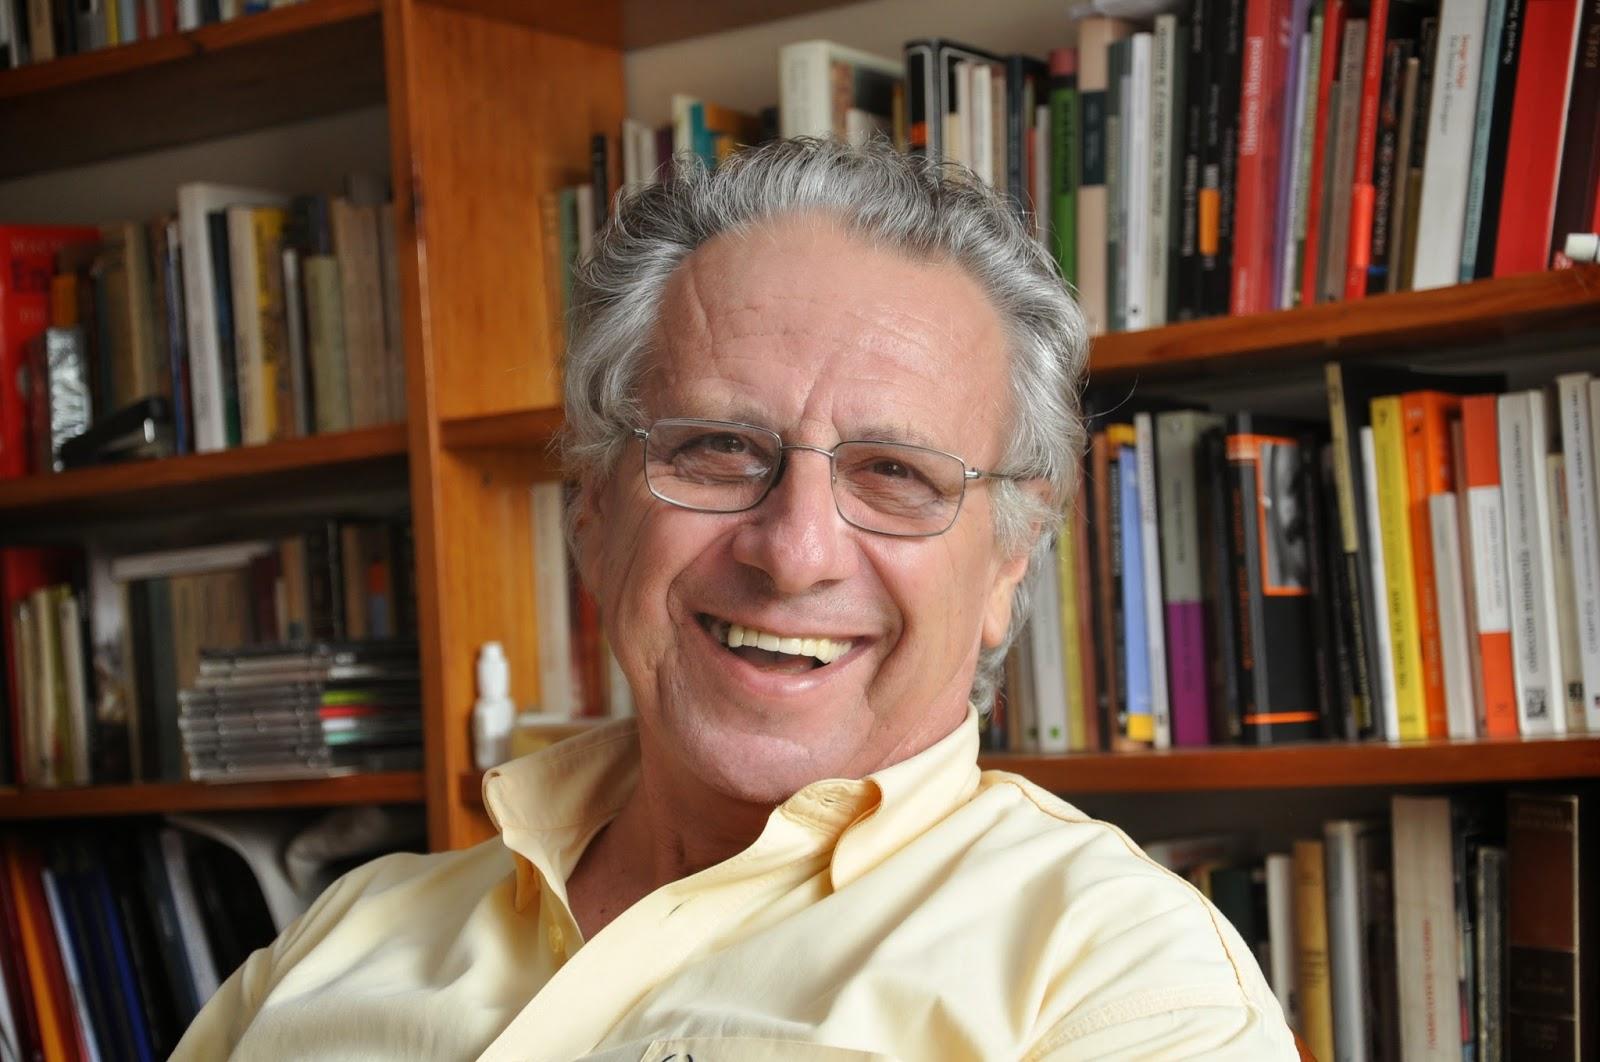 Palabralab: Raúl Brasca: ''Escribir sin leer, conduce más al balbuceo que a  la pretendida originalidad''